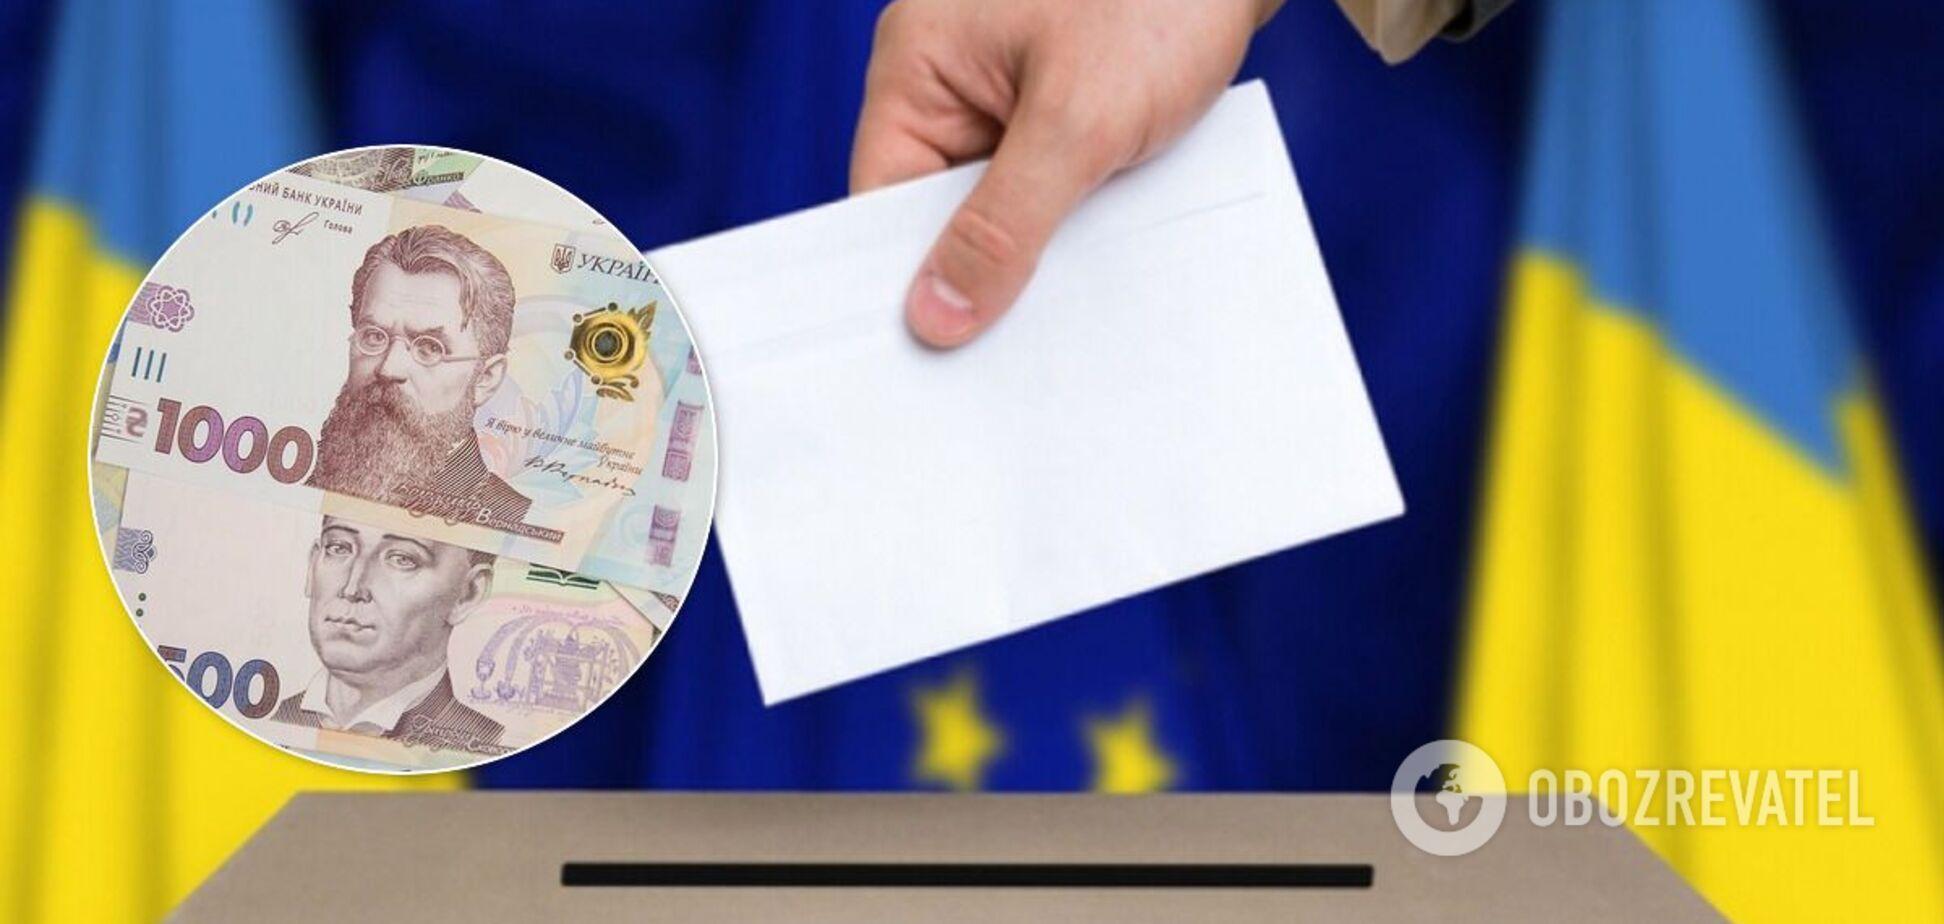 Через підкуп виборців у Дніпрі відбудеться другий тур виборів